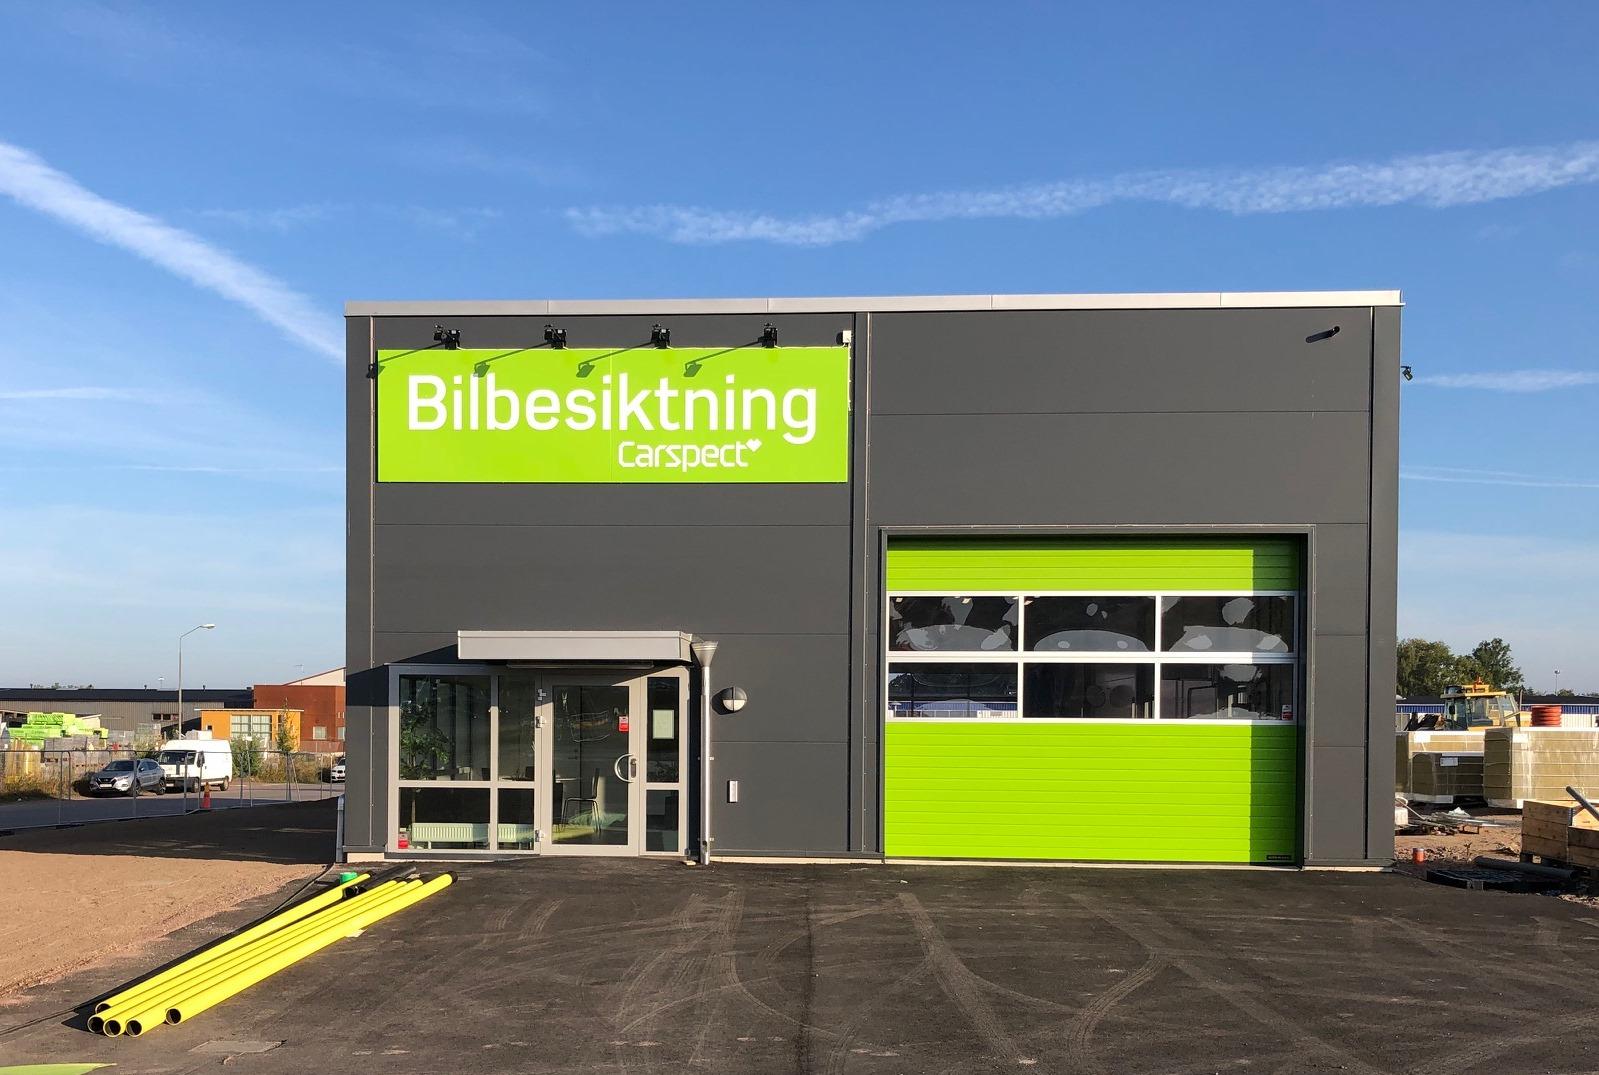 Carspects besiktningsstation på Engelska Vägen i Kalmar